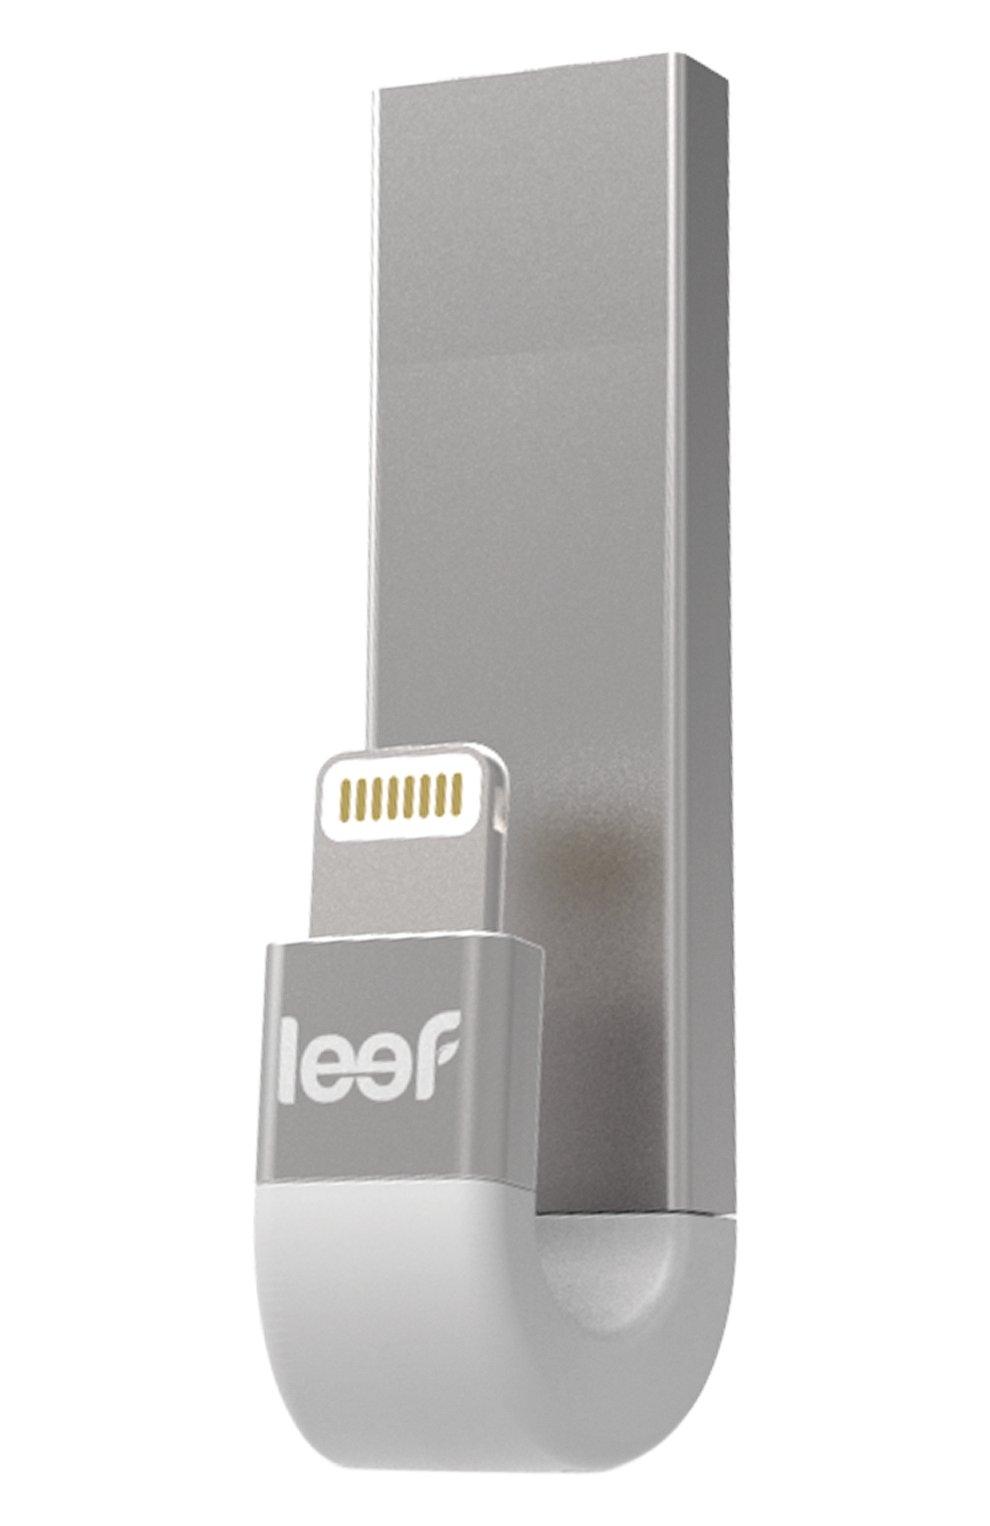 Внешний накопитель iBridge 3 32GB Leef  | Фото №3